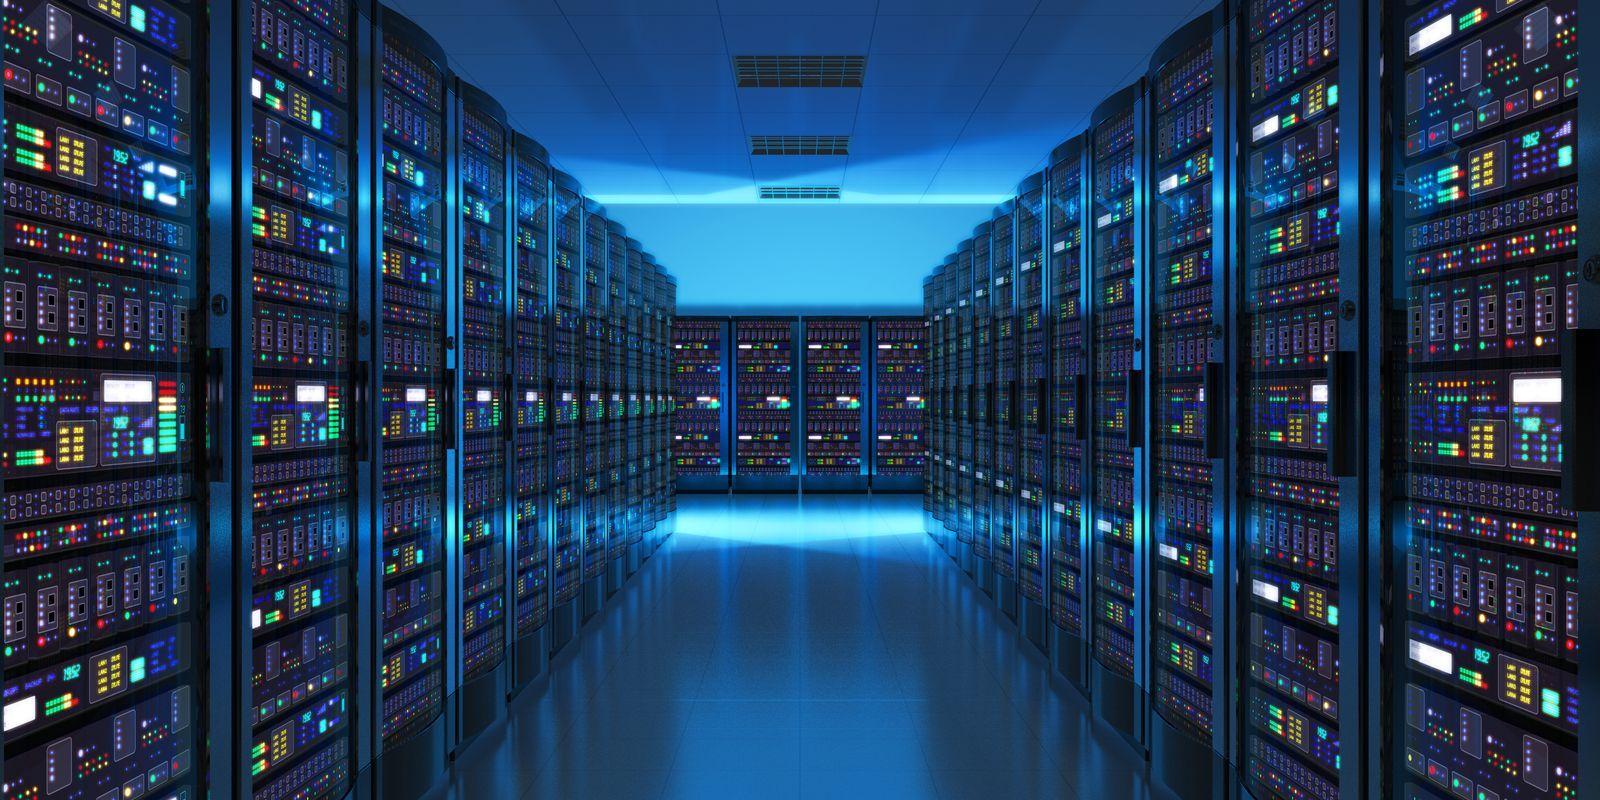 Server - Hệ Thống Lưu Trữ Bảo Mật